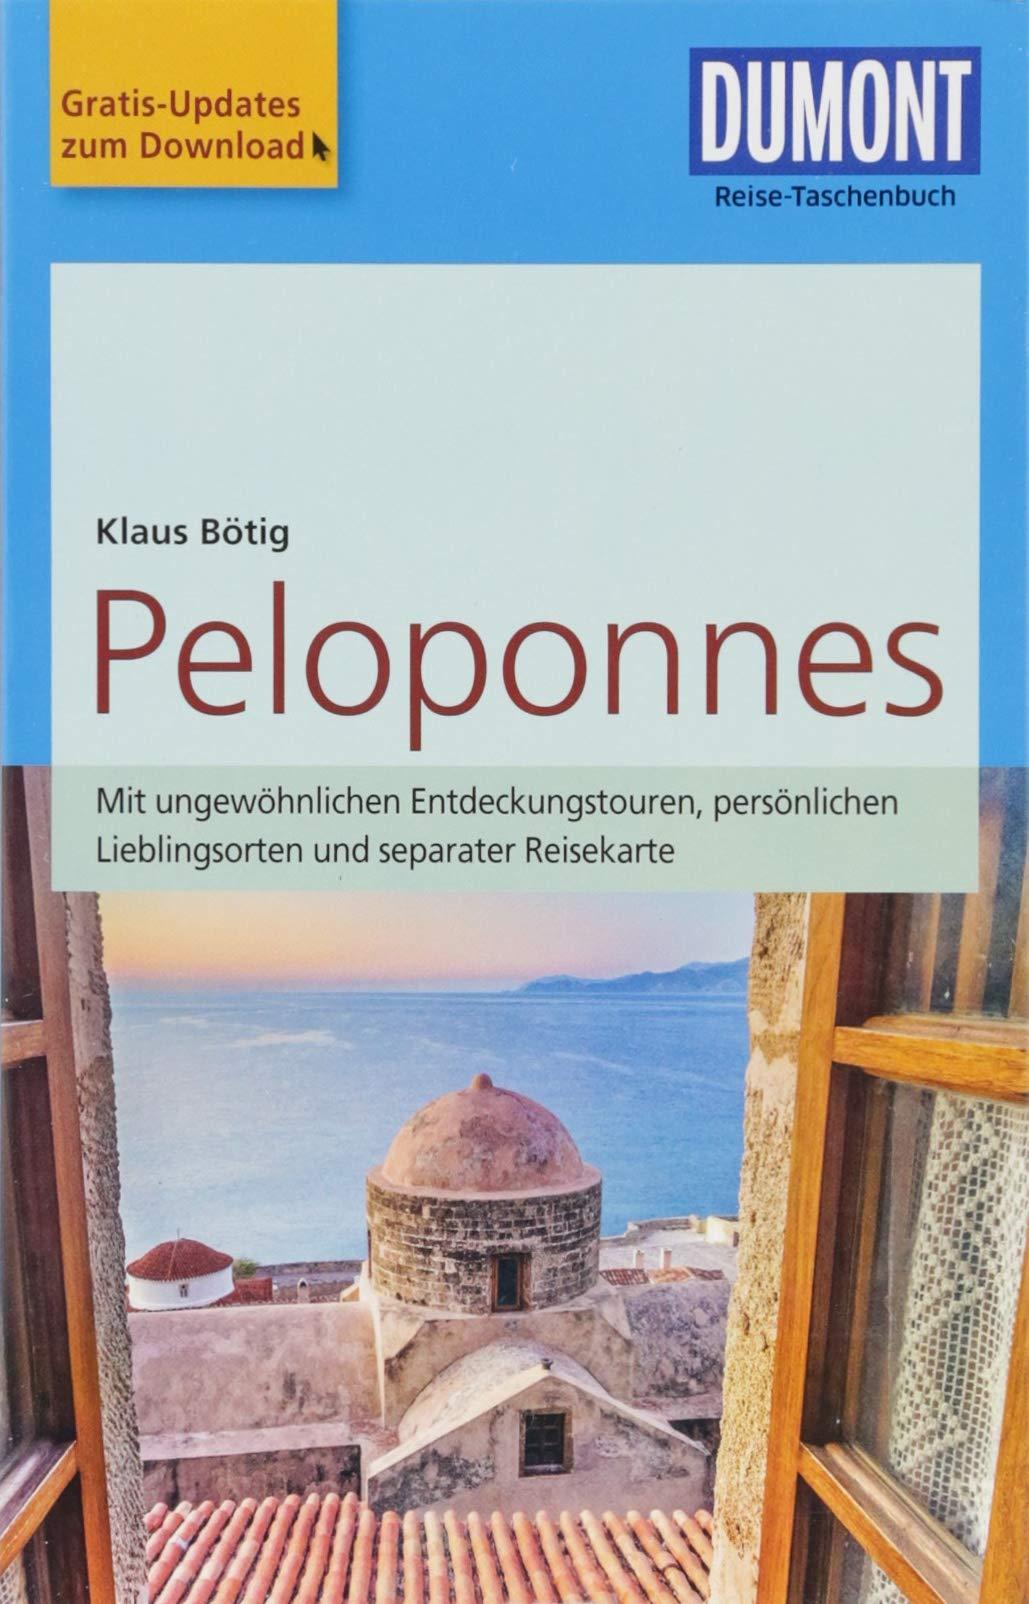 DuMont Reise-Taschenbuch Reiseführer Peloponnes: mit Online-Updates als Gratis-Download Taschenbuch – 5. Juni 2018 Klaus Bötig DUMONT REISEVERLAG 3770175646 Südosteuropa